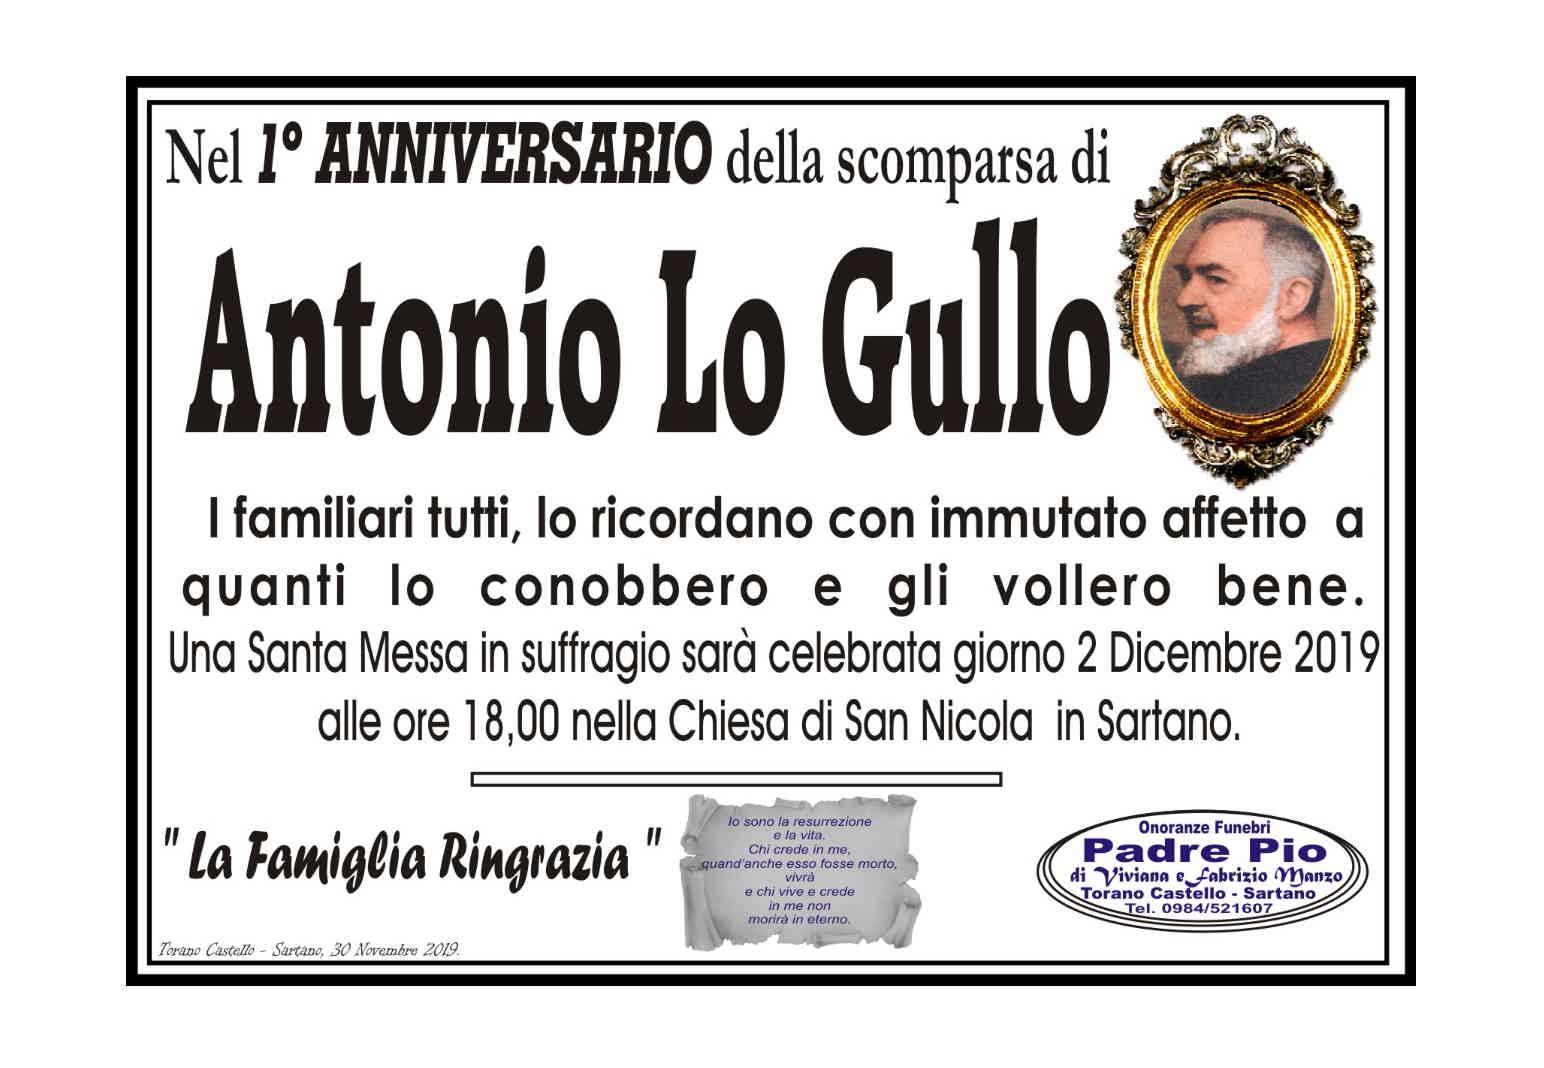 Antonio Lo Gullo